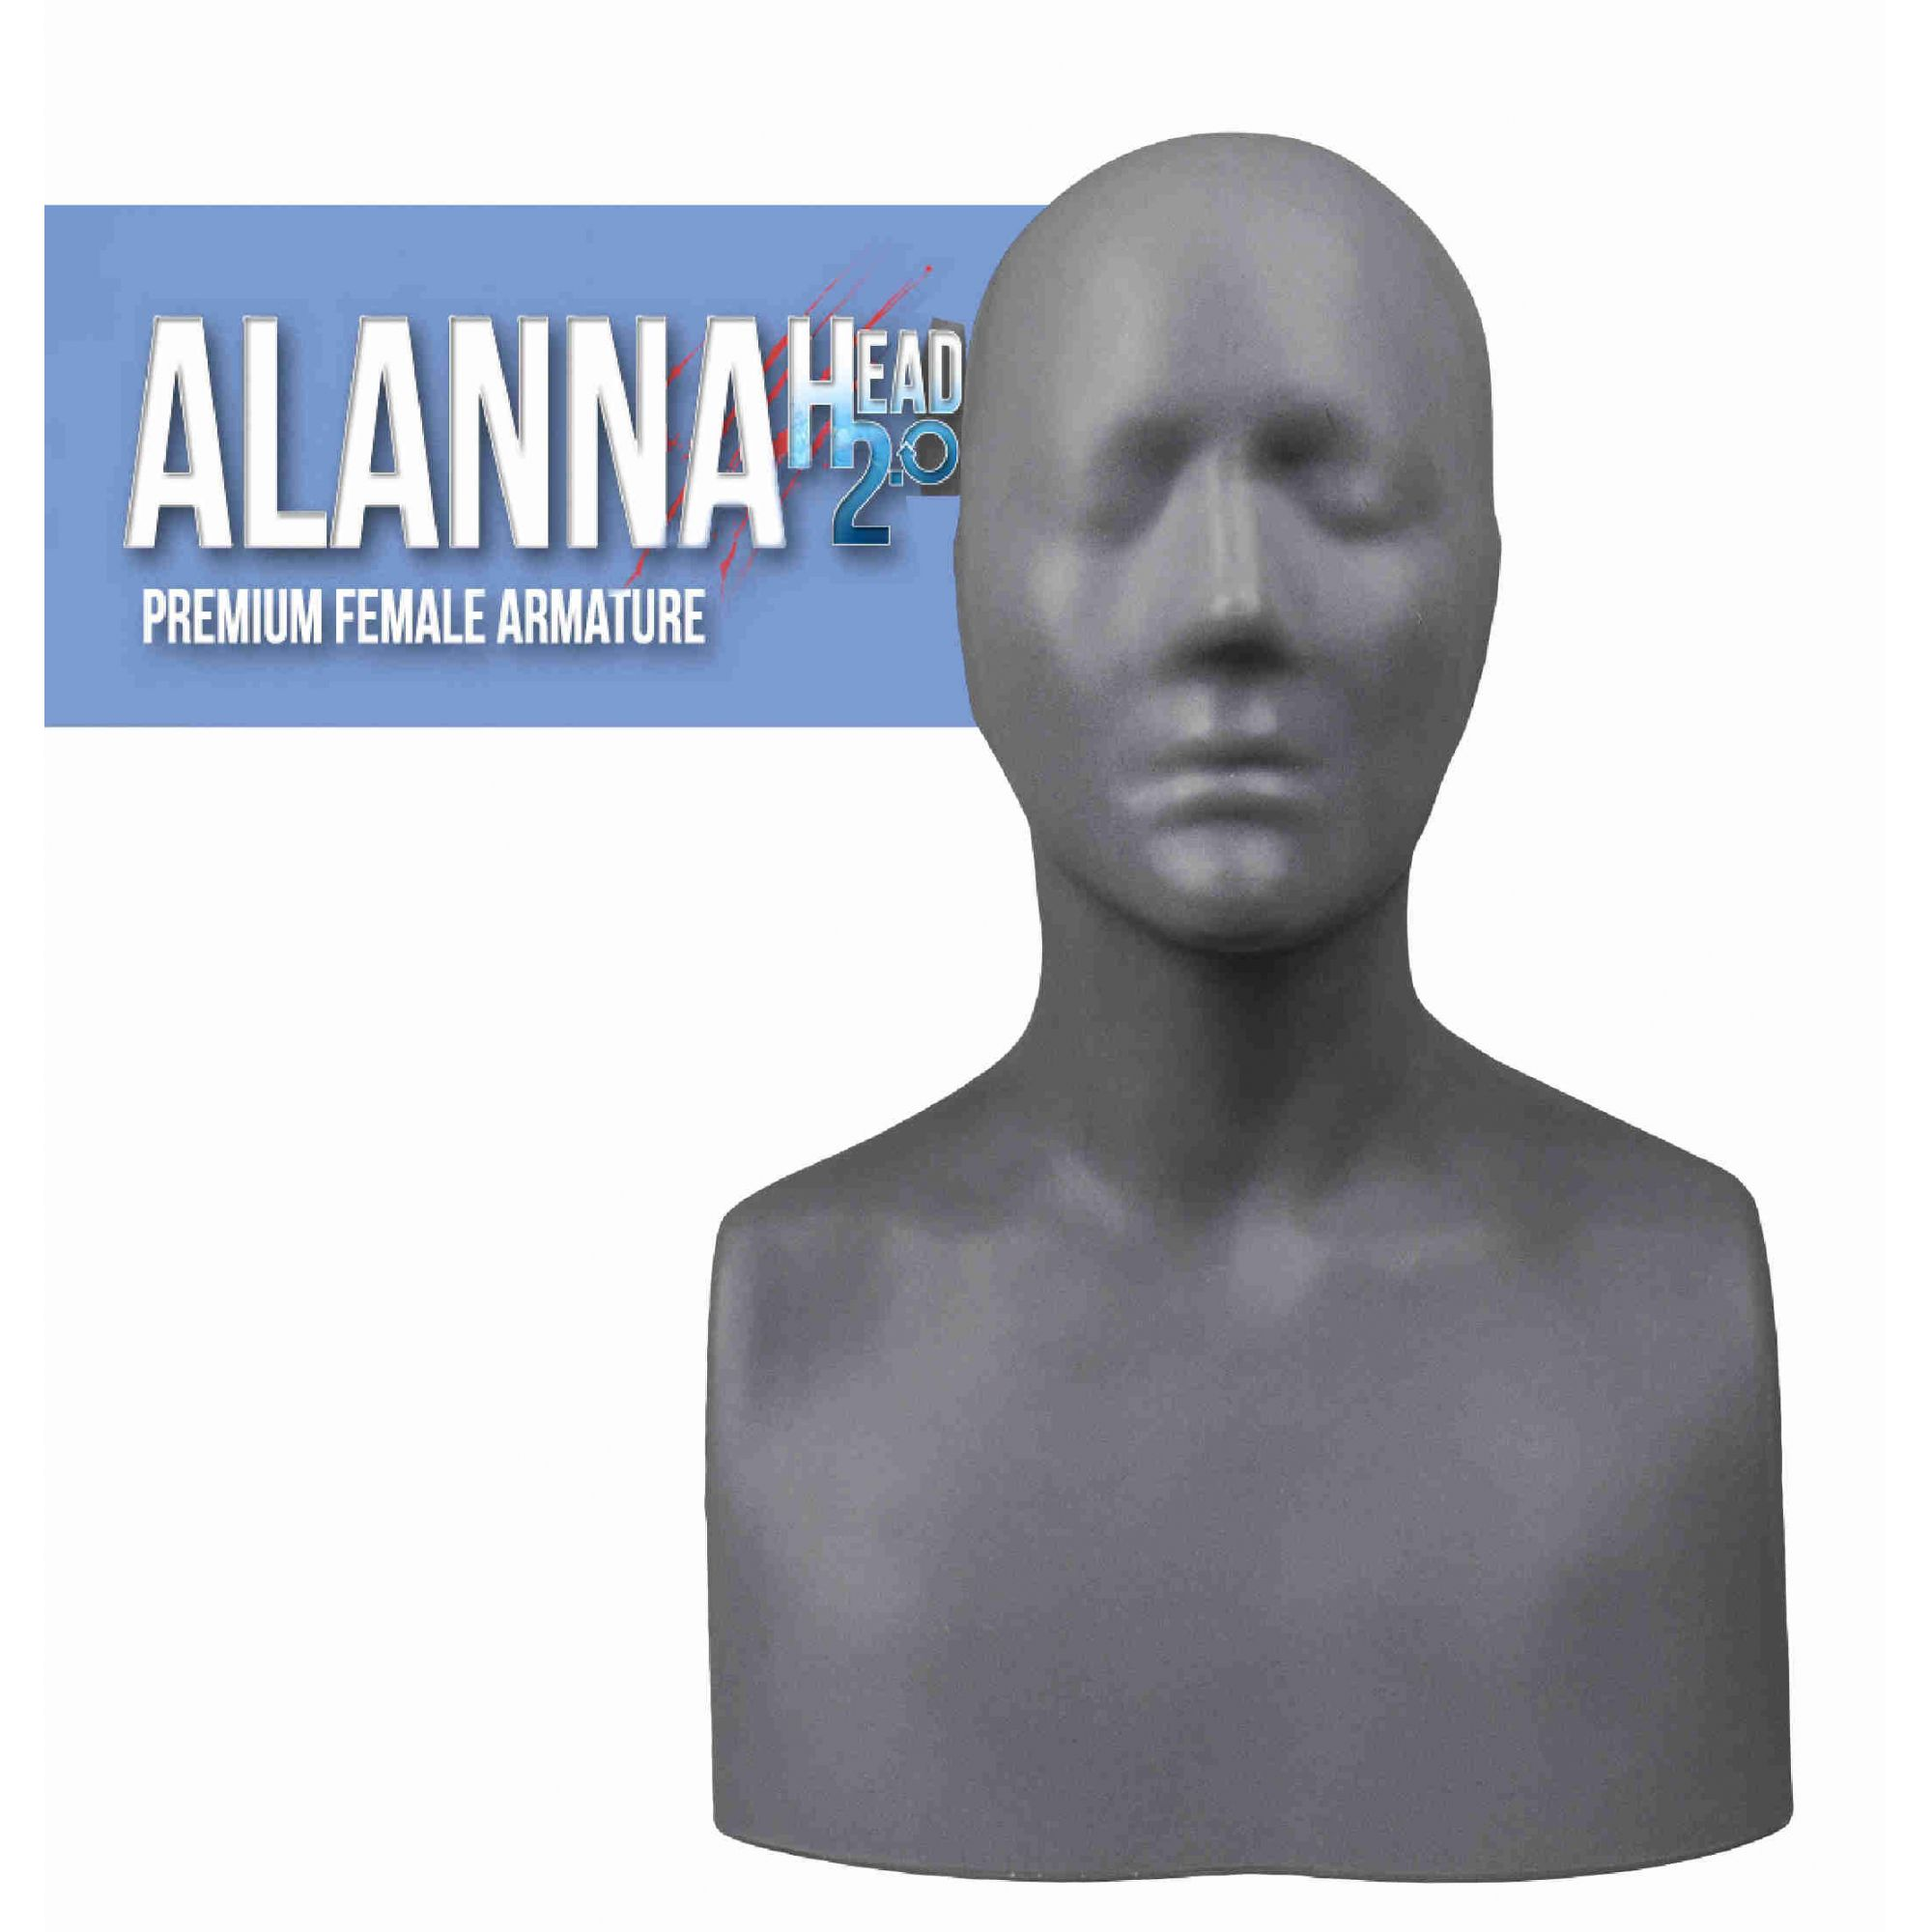 Alanna Head H2O